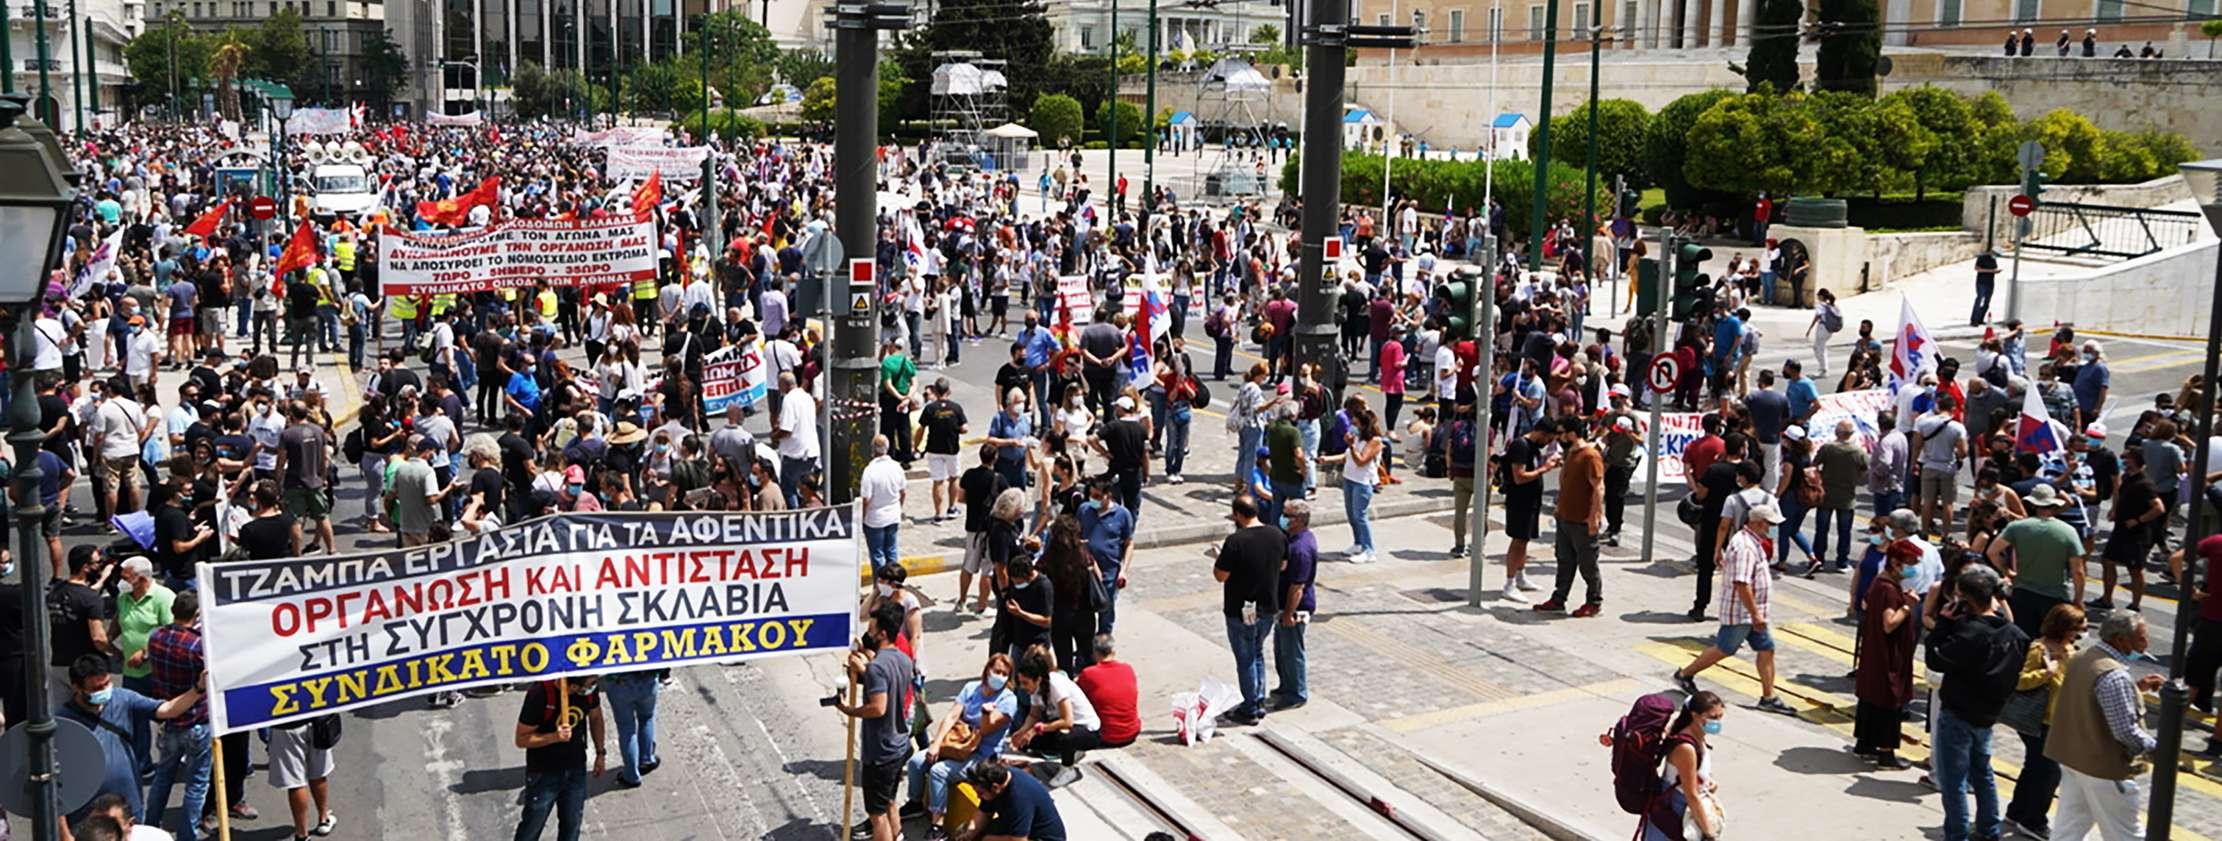 Κινητοποίηση Απεργία 10 Ιούνη poreia athina